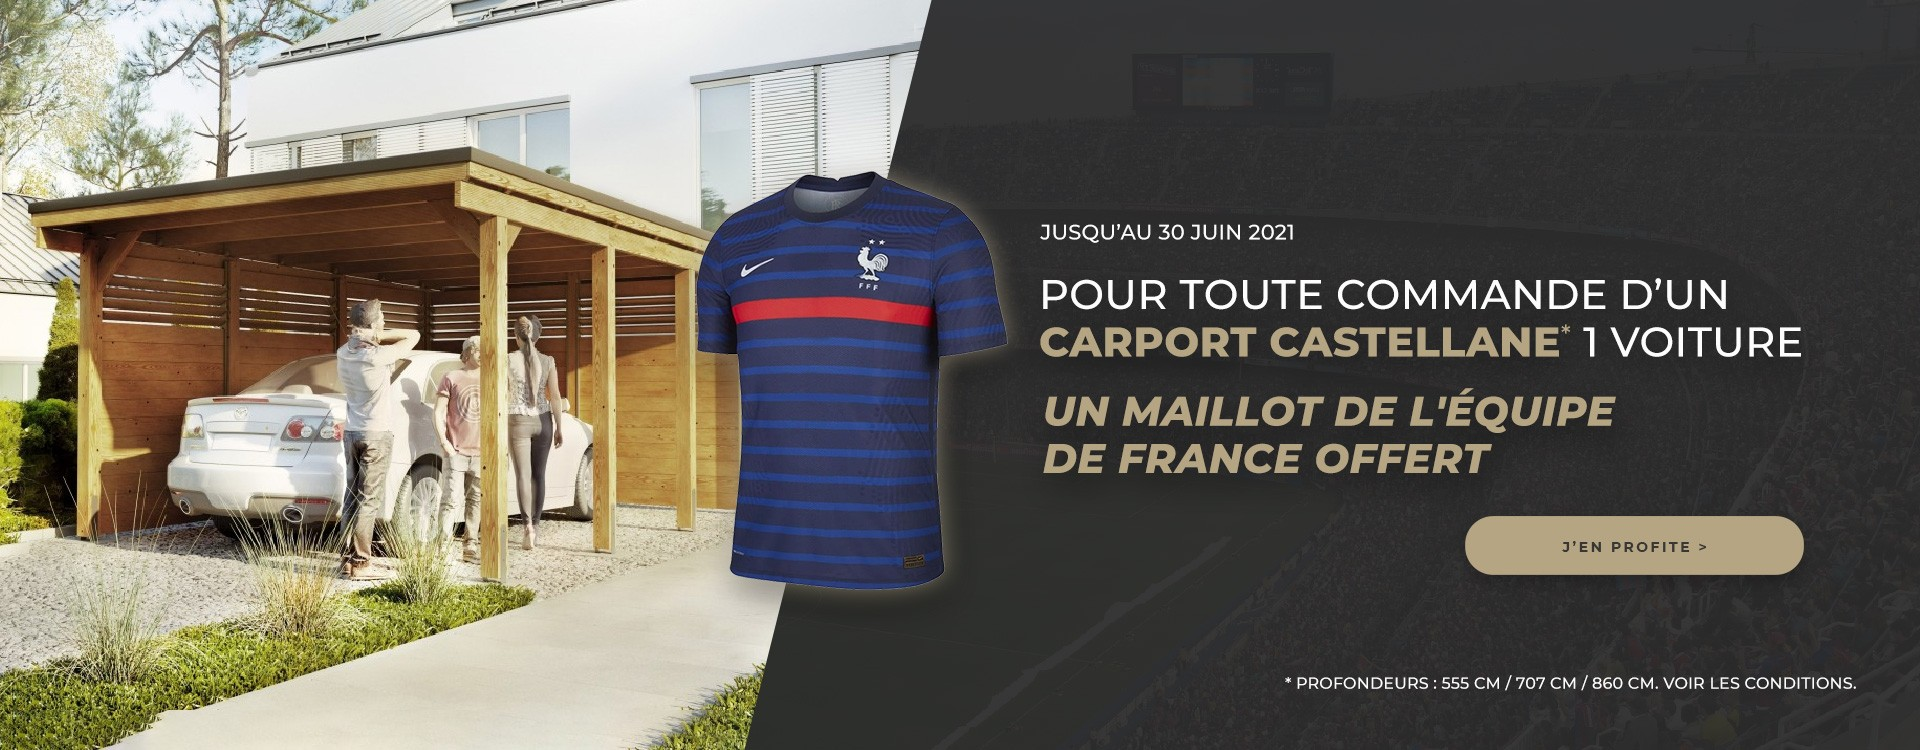 maillot de l'équipe de France offert